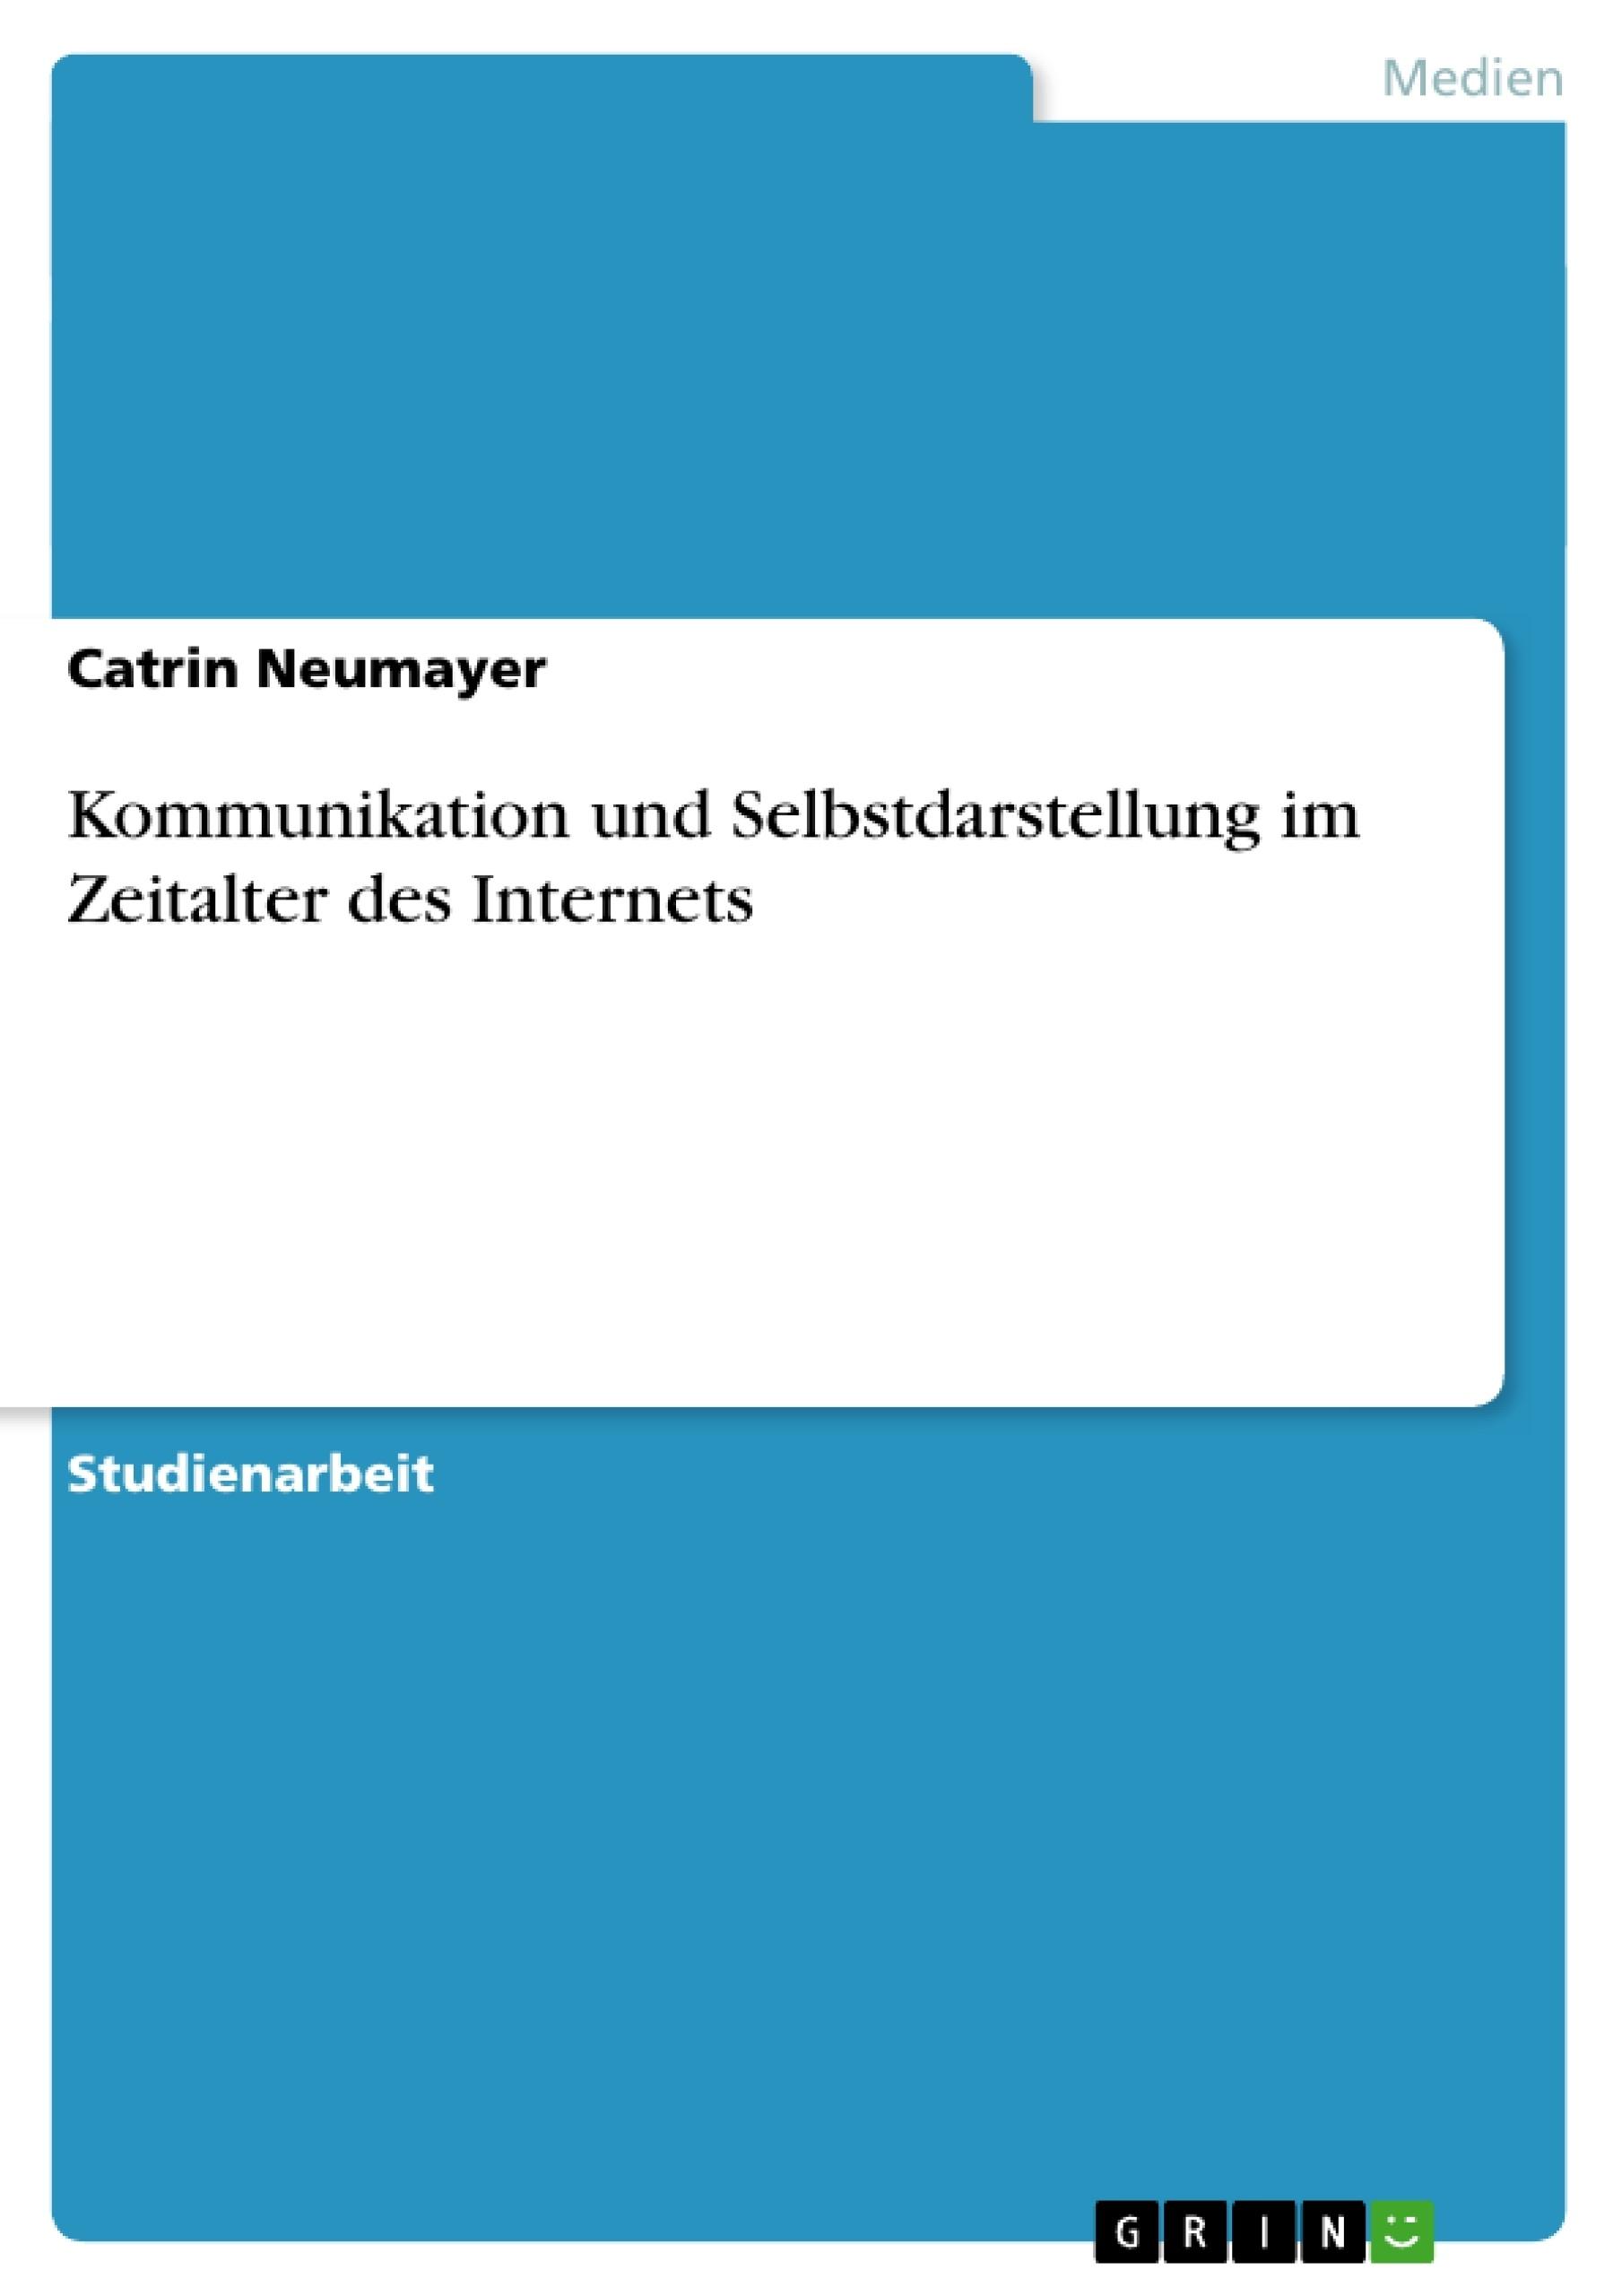 Titel: Kommunikation und Selbstdarstellung im Zeitalter des Internets